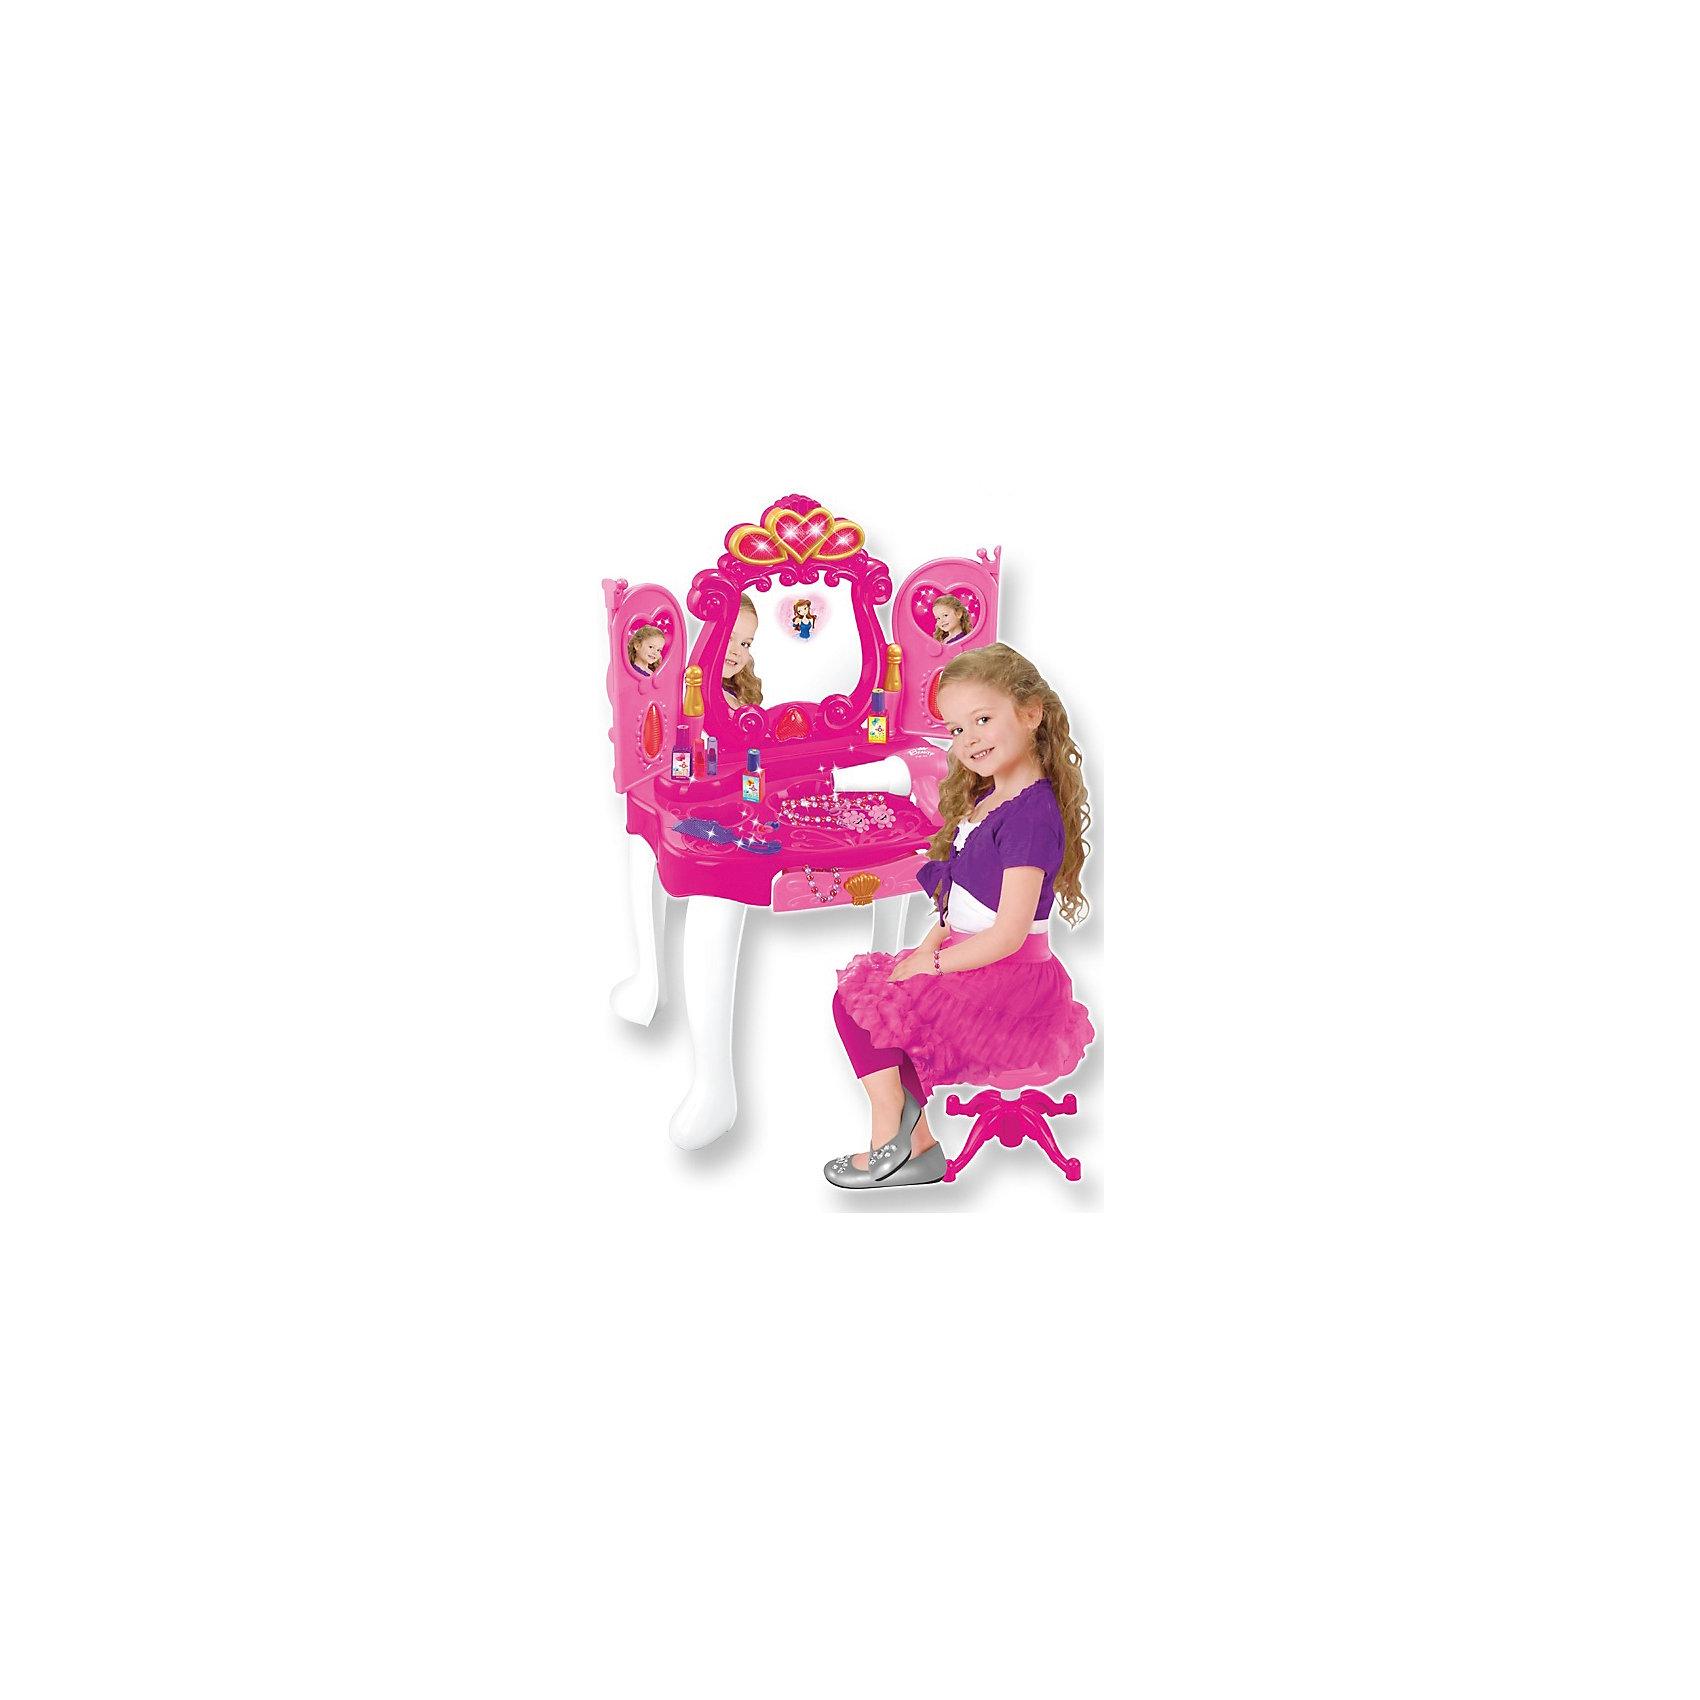 Интерактивное трюмо Прекрасная принцесса, сборное, со звуком и светом, с аксессуарами,  ALTACTOПозвольте вашей девочке почувствовать себя прекрасной принцессой! Стоит лишь махнуть рукой - створки зеркала открываются и закрываются благодаря сенсорному датчику, реагирующему на движения. В зеркале появляется принцесса. Всё это происходит под звуковые и световые эффекты. Ящик в столе выдвигается – там можно хранить свои украшения. В комплекте: трюмо, стульчик, наклейки, фен (шумит, дует воздухом), аксессуары (косметика, украшения). В дверцы можно вставить своё фото или картинки принцессы. Все компоненты сделаны из пластмассы. Инструкция на упаковке.  Для всего Игровой набора требуются 4 батарейки (не входят в комплект) – 3 для трюмо и 1 в фен.<br><br>Ширина мм: 440<br>Глубина мм: 120<br>Высота мм: 570<br>Вес г: 3250<br>Возраст от месяцев: 36<br>Возраст до месяцев: 84<br>Пол: Женский<br>Возраст: Детский<br>SKU: 4342835